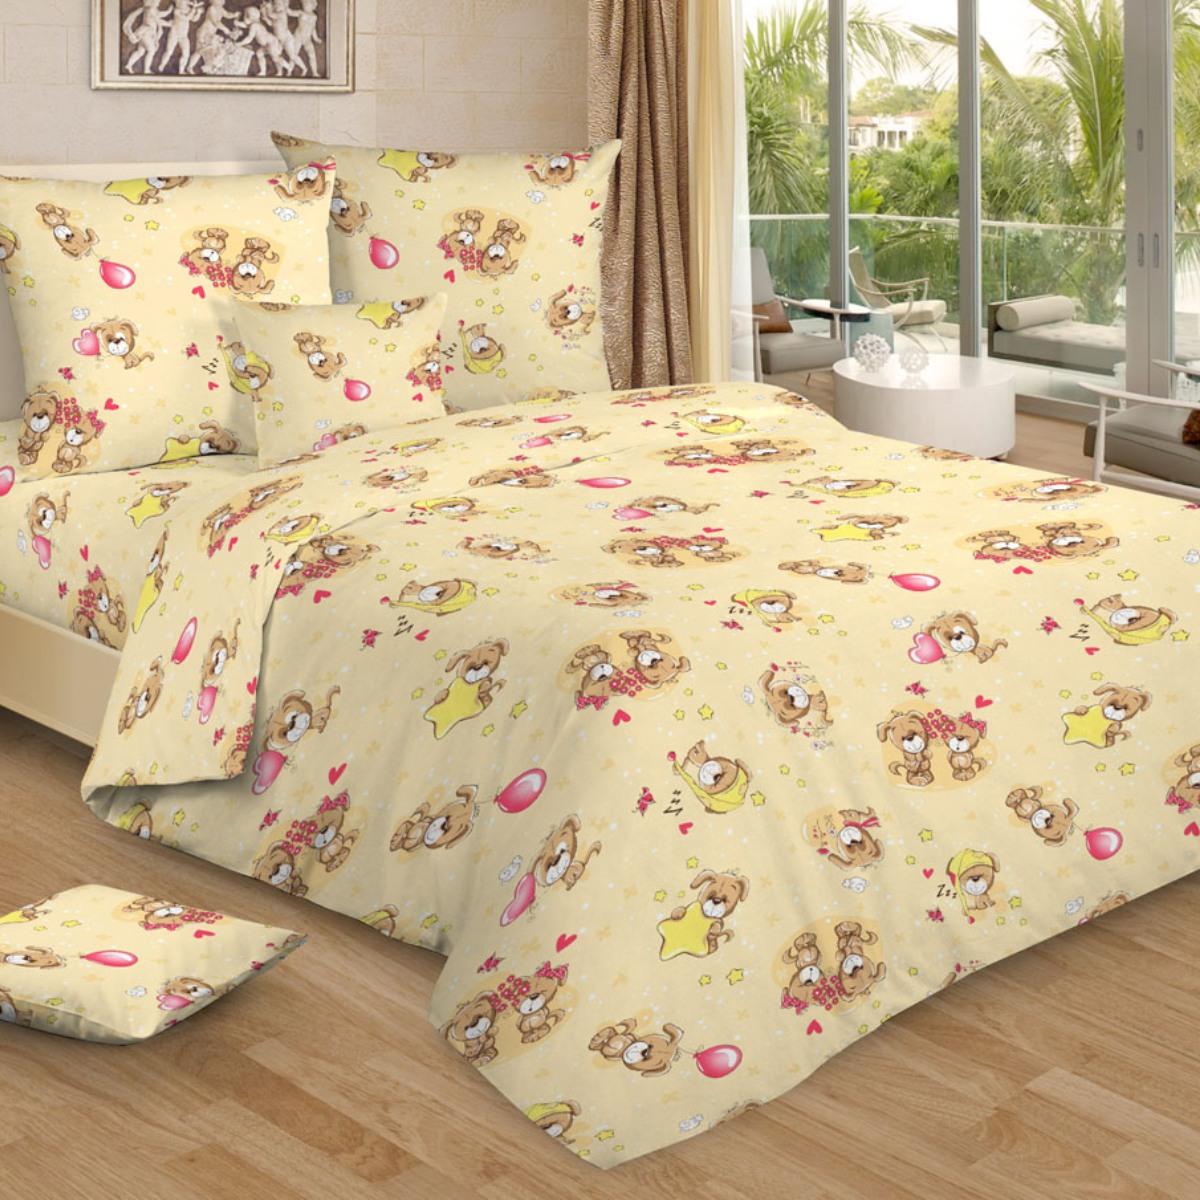 Letto Комплект в кроватку Ясли с простыней на резинке 3 предмета BGR-76 -  Детский текстиль